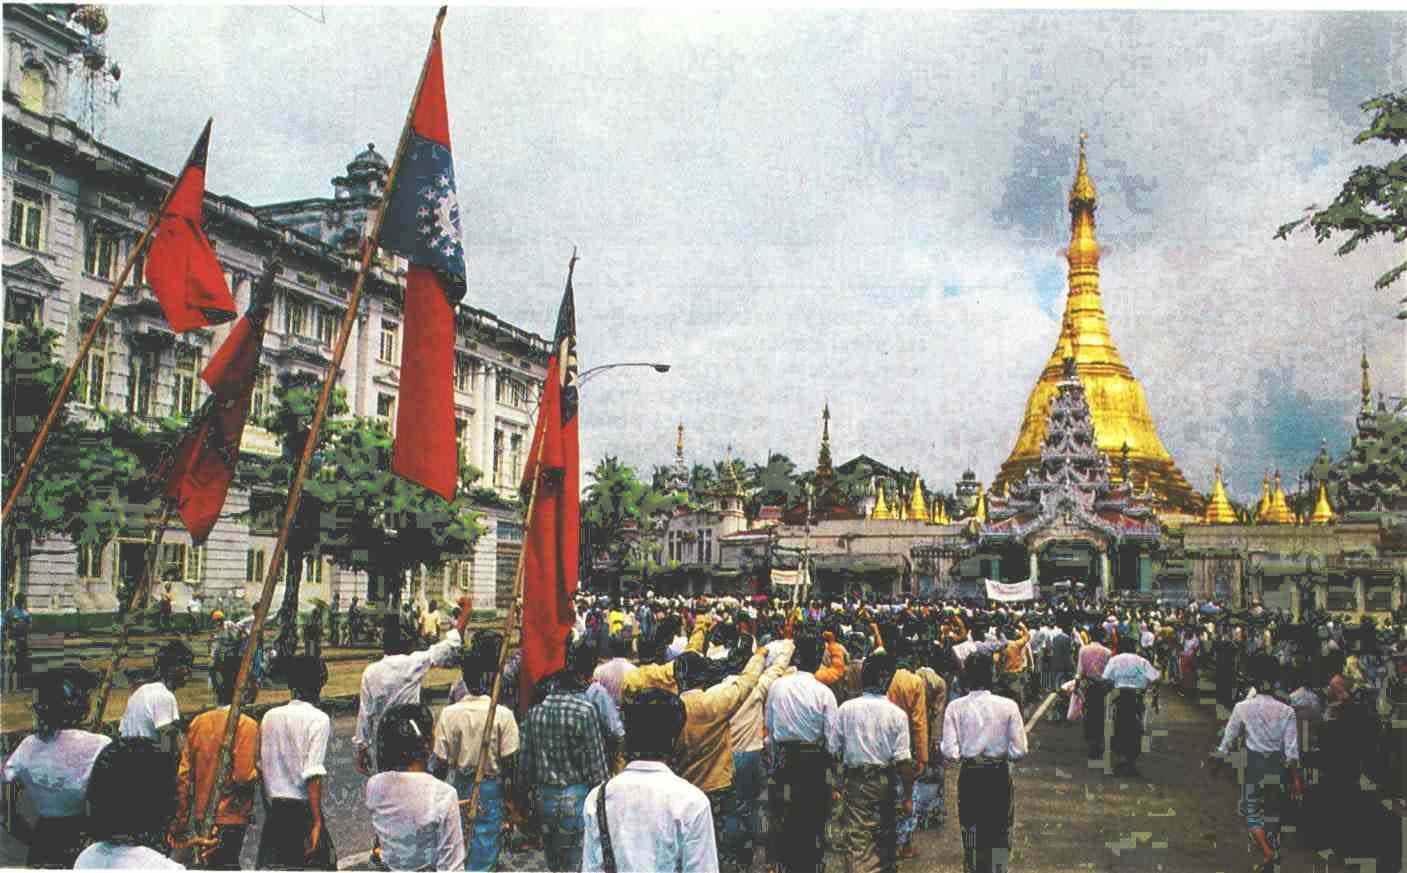 Revolución estudiantil 1988 yangoon myanmar